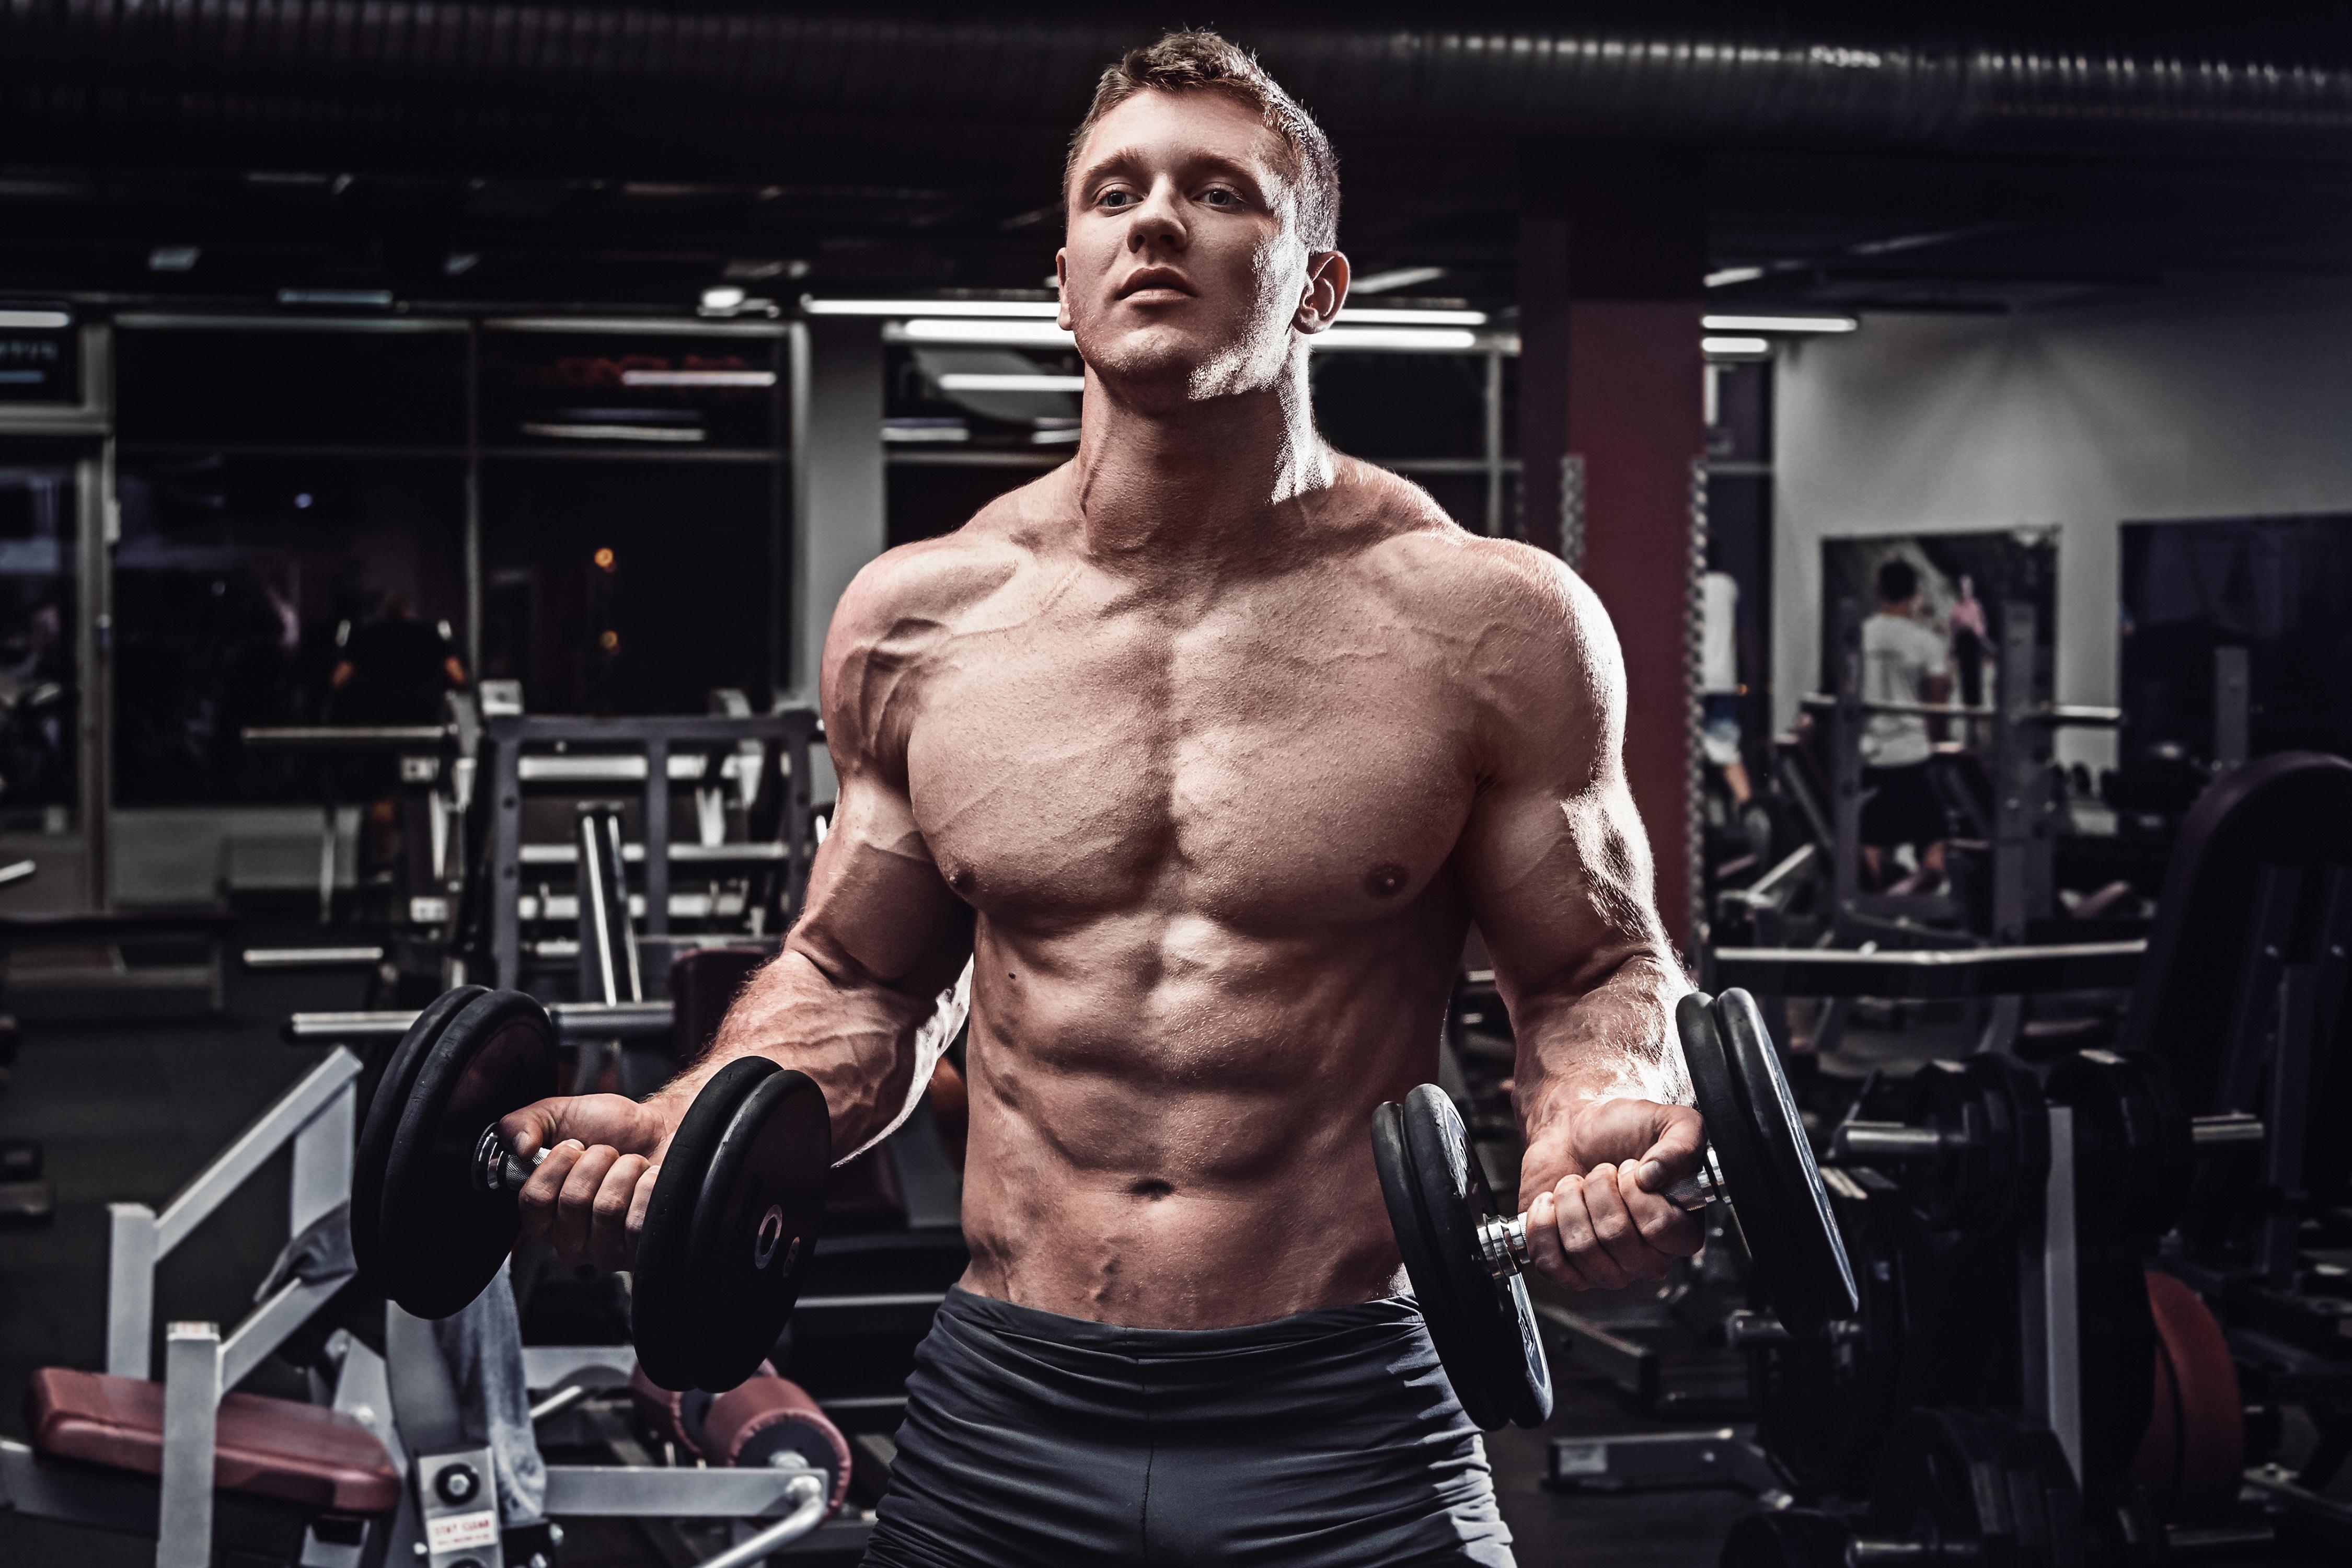 筋肉の発達した男性